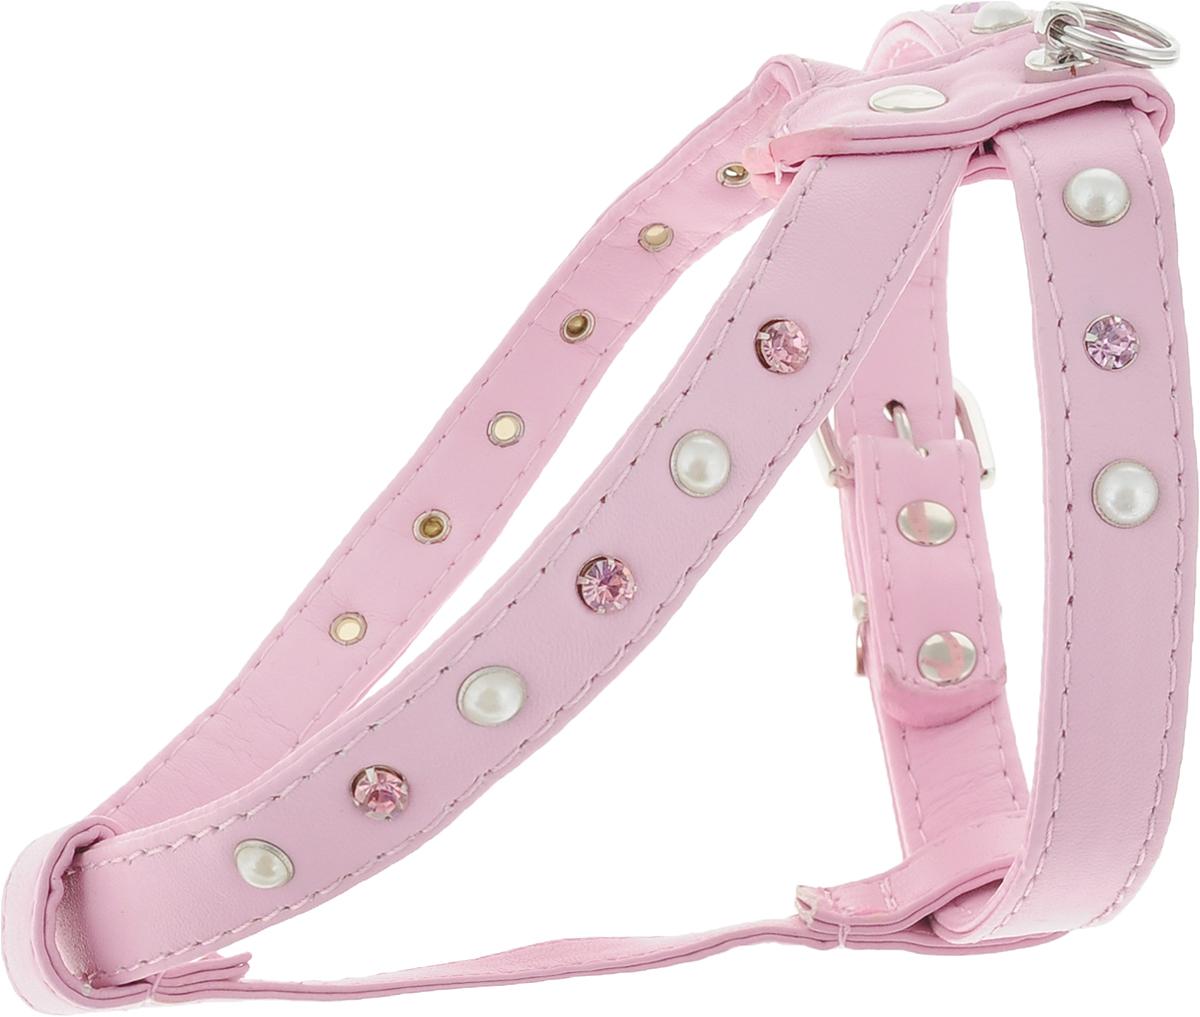 Шлейка для собак GLG, двойная, цвет: розовый. Размер 3AM-DC044/CШлейка для собак GLG, изготовленная из искусственной кожи, подходит для собак малых и средних пород. Крепкие металлические элементы делают ее надежной и долговечной. Шлейка - это альтернатива ошейнику. Правильно подобранная шлейка не стесняет движения питомца, не натирает кожу, поэтому животное чувствует себя в ней уверенно и комфортно. Изделие отличается высоким качеством, удобством и универсальностью. Размер регулируется при помощи пряжек.Обхват шеи: 28 см. Обхват груди: 28-35 см.Ширина шлейки: 1,5 см.